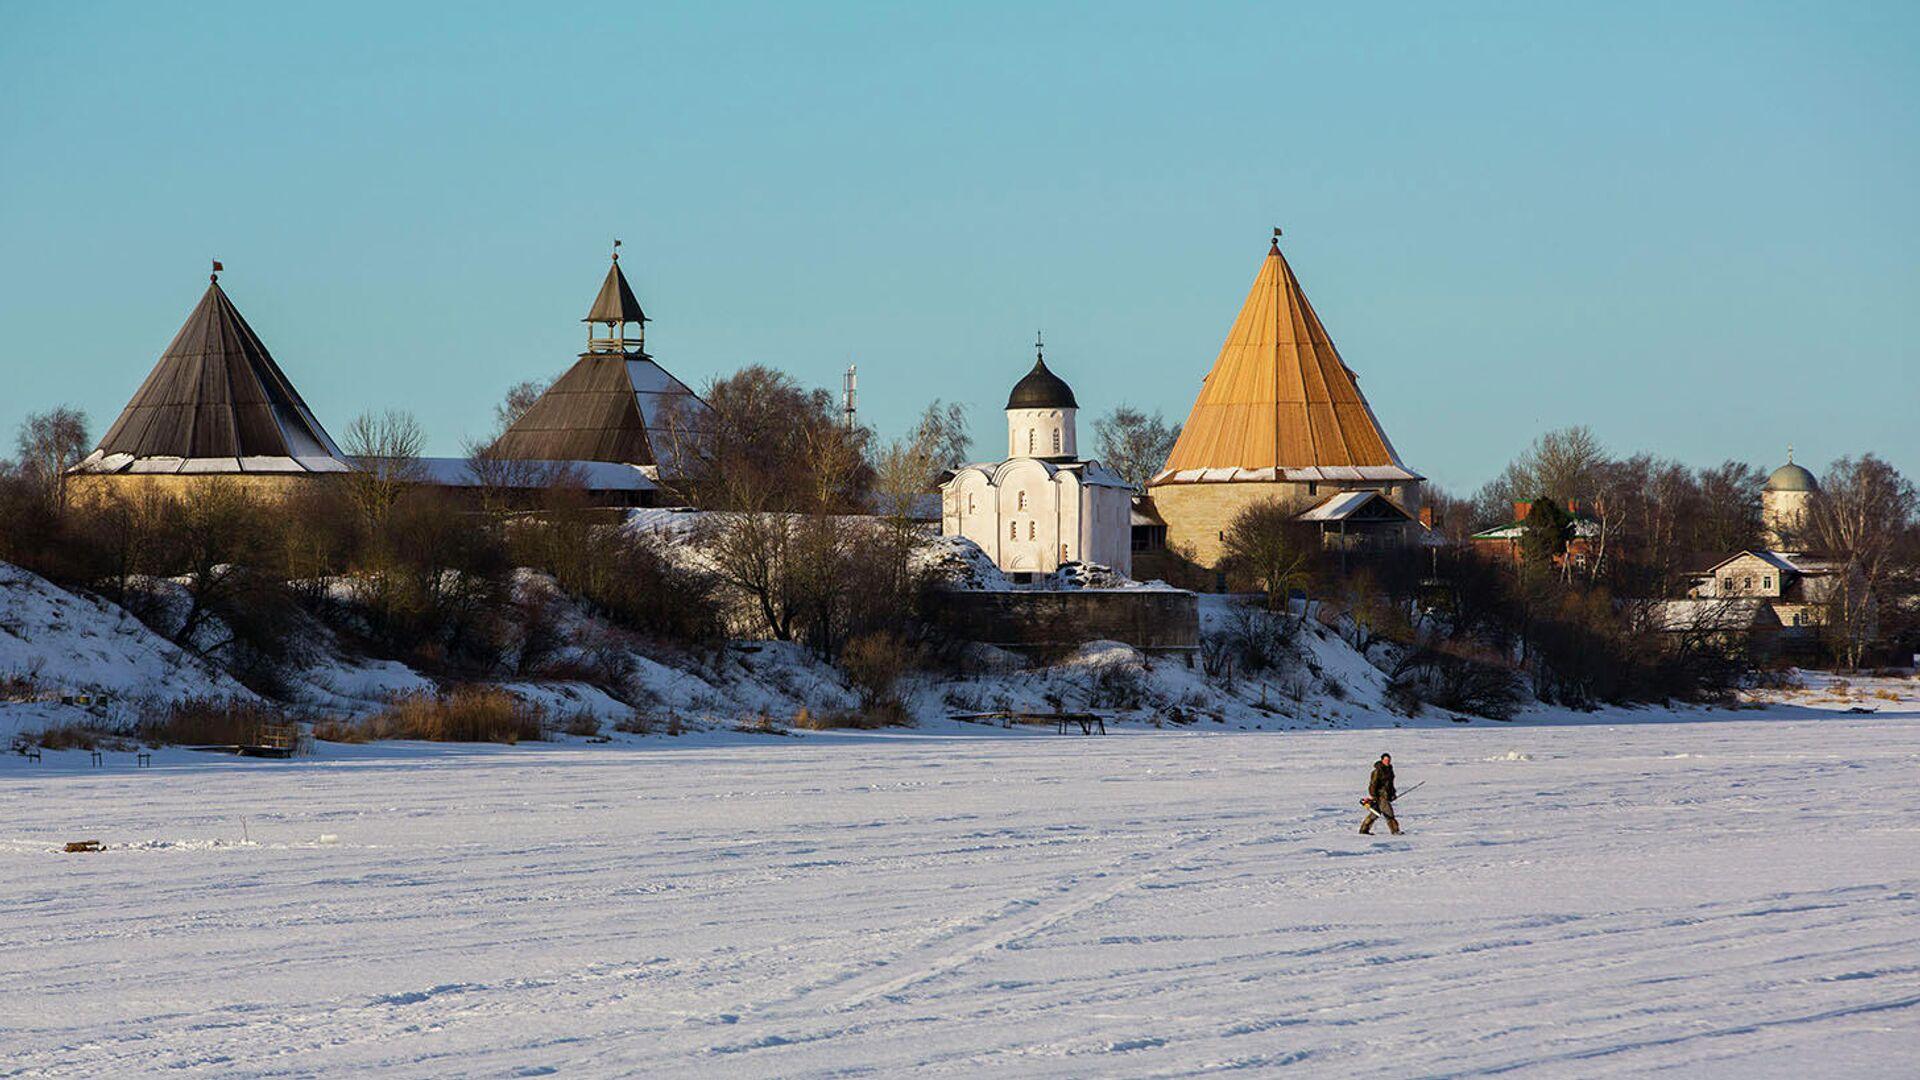 Вид на Староладожскую крепость - РИА Новости, 1920, 29.11.2020